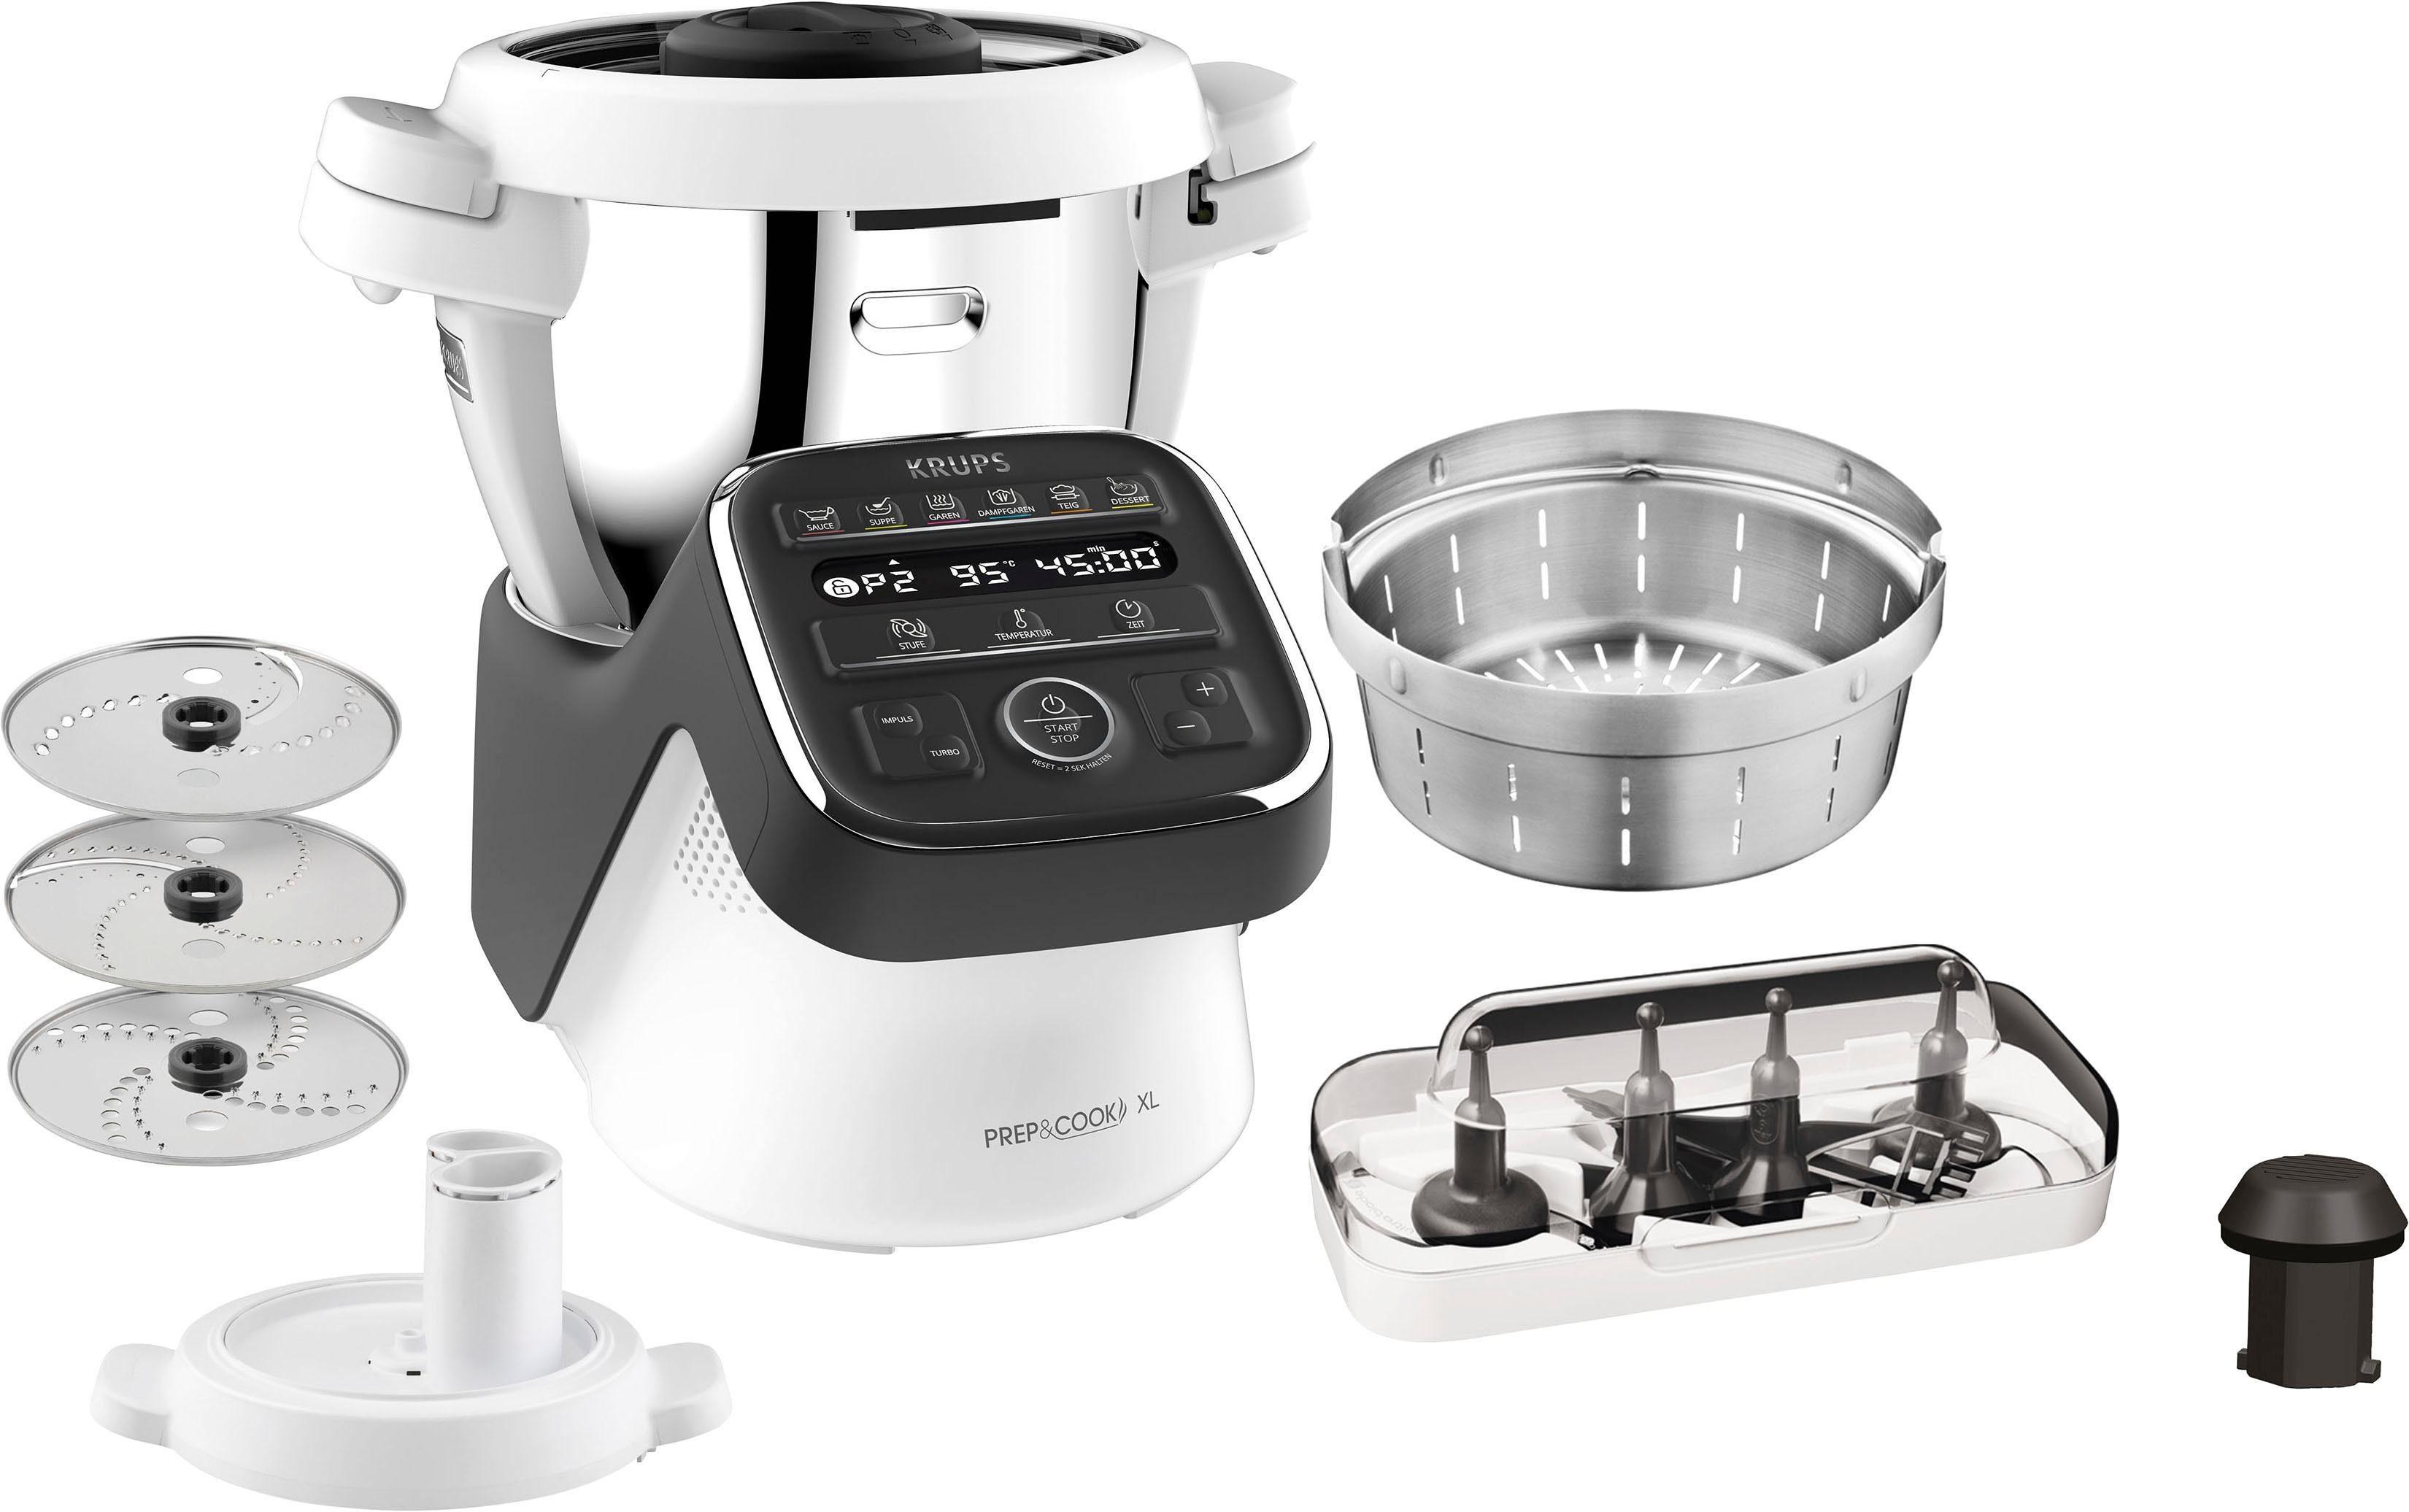 Krups Küchenmaschine mit Kochfunktion HP50A8 Prep&Cook XL schwarz Küchenmaschinen Haushaltsgeräte